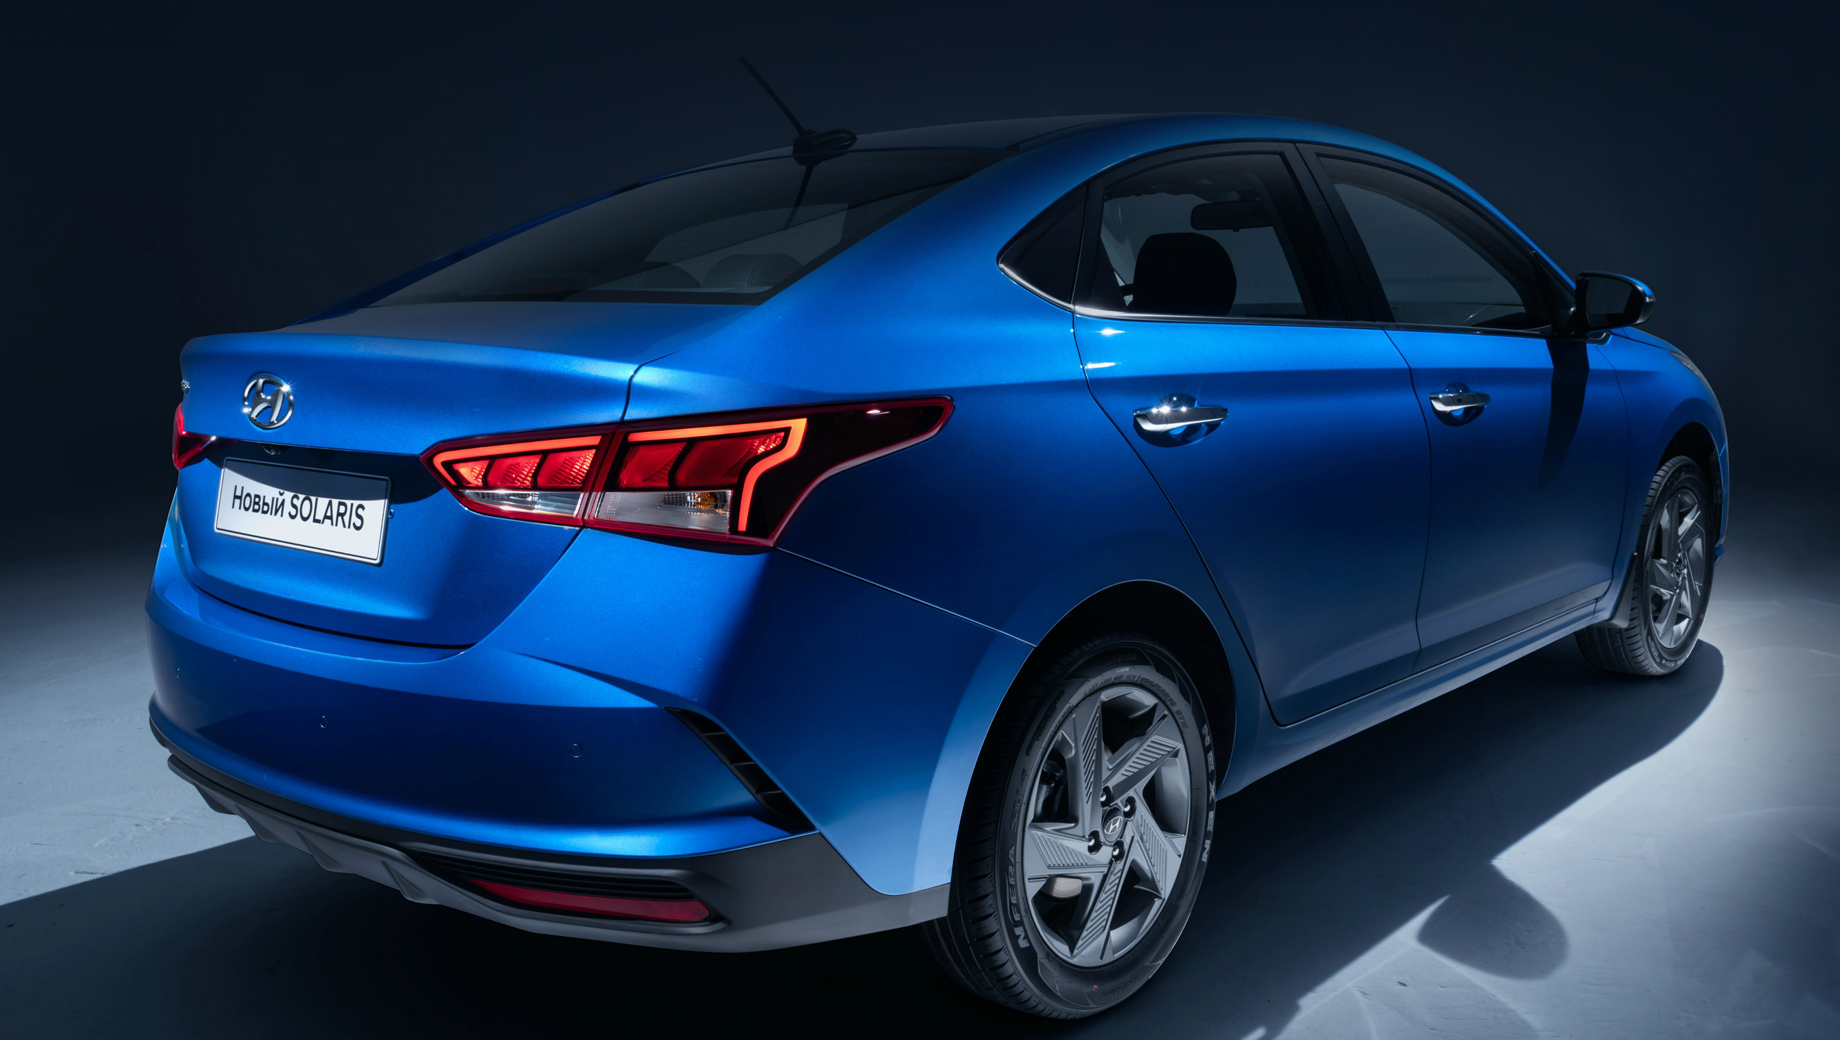 Hyundai solaris. Дореформенный Solaris стартовал с отметки в 756 000 рублей, а топовая версия с тремя пакетами опций тянула на 1 140 000. Новые расценки мы привели в Дополнении ниже.